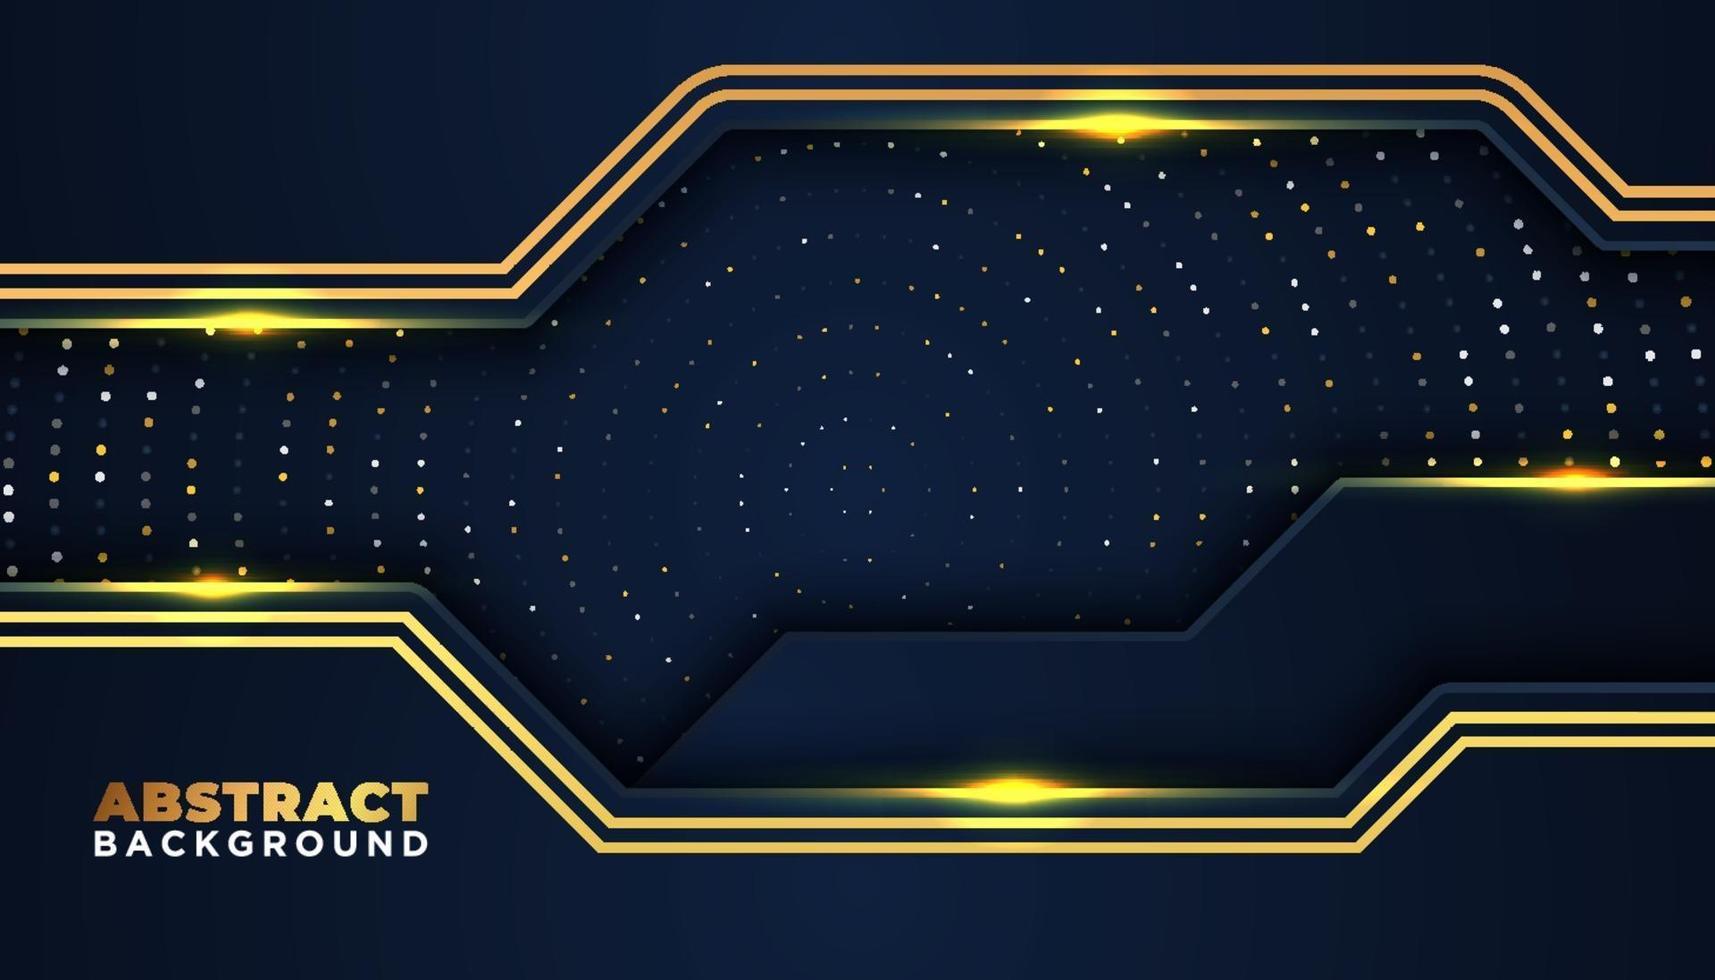 fundo abstrato escuro com camadas sobrepostas elementos de pontos brilhantes dourados decoração conceito de design de luxo vetor